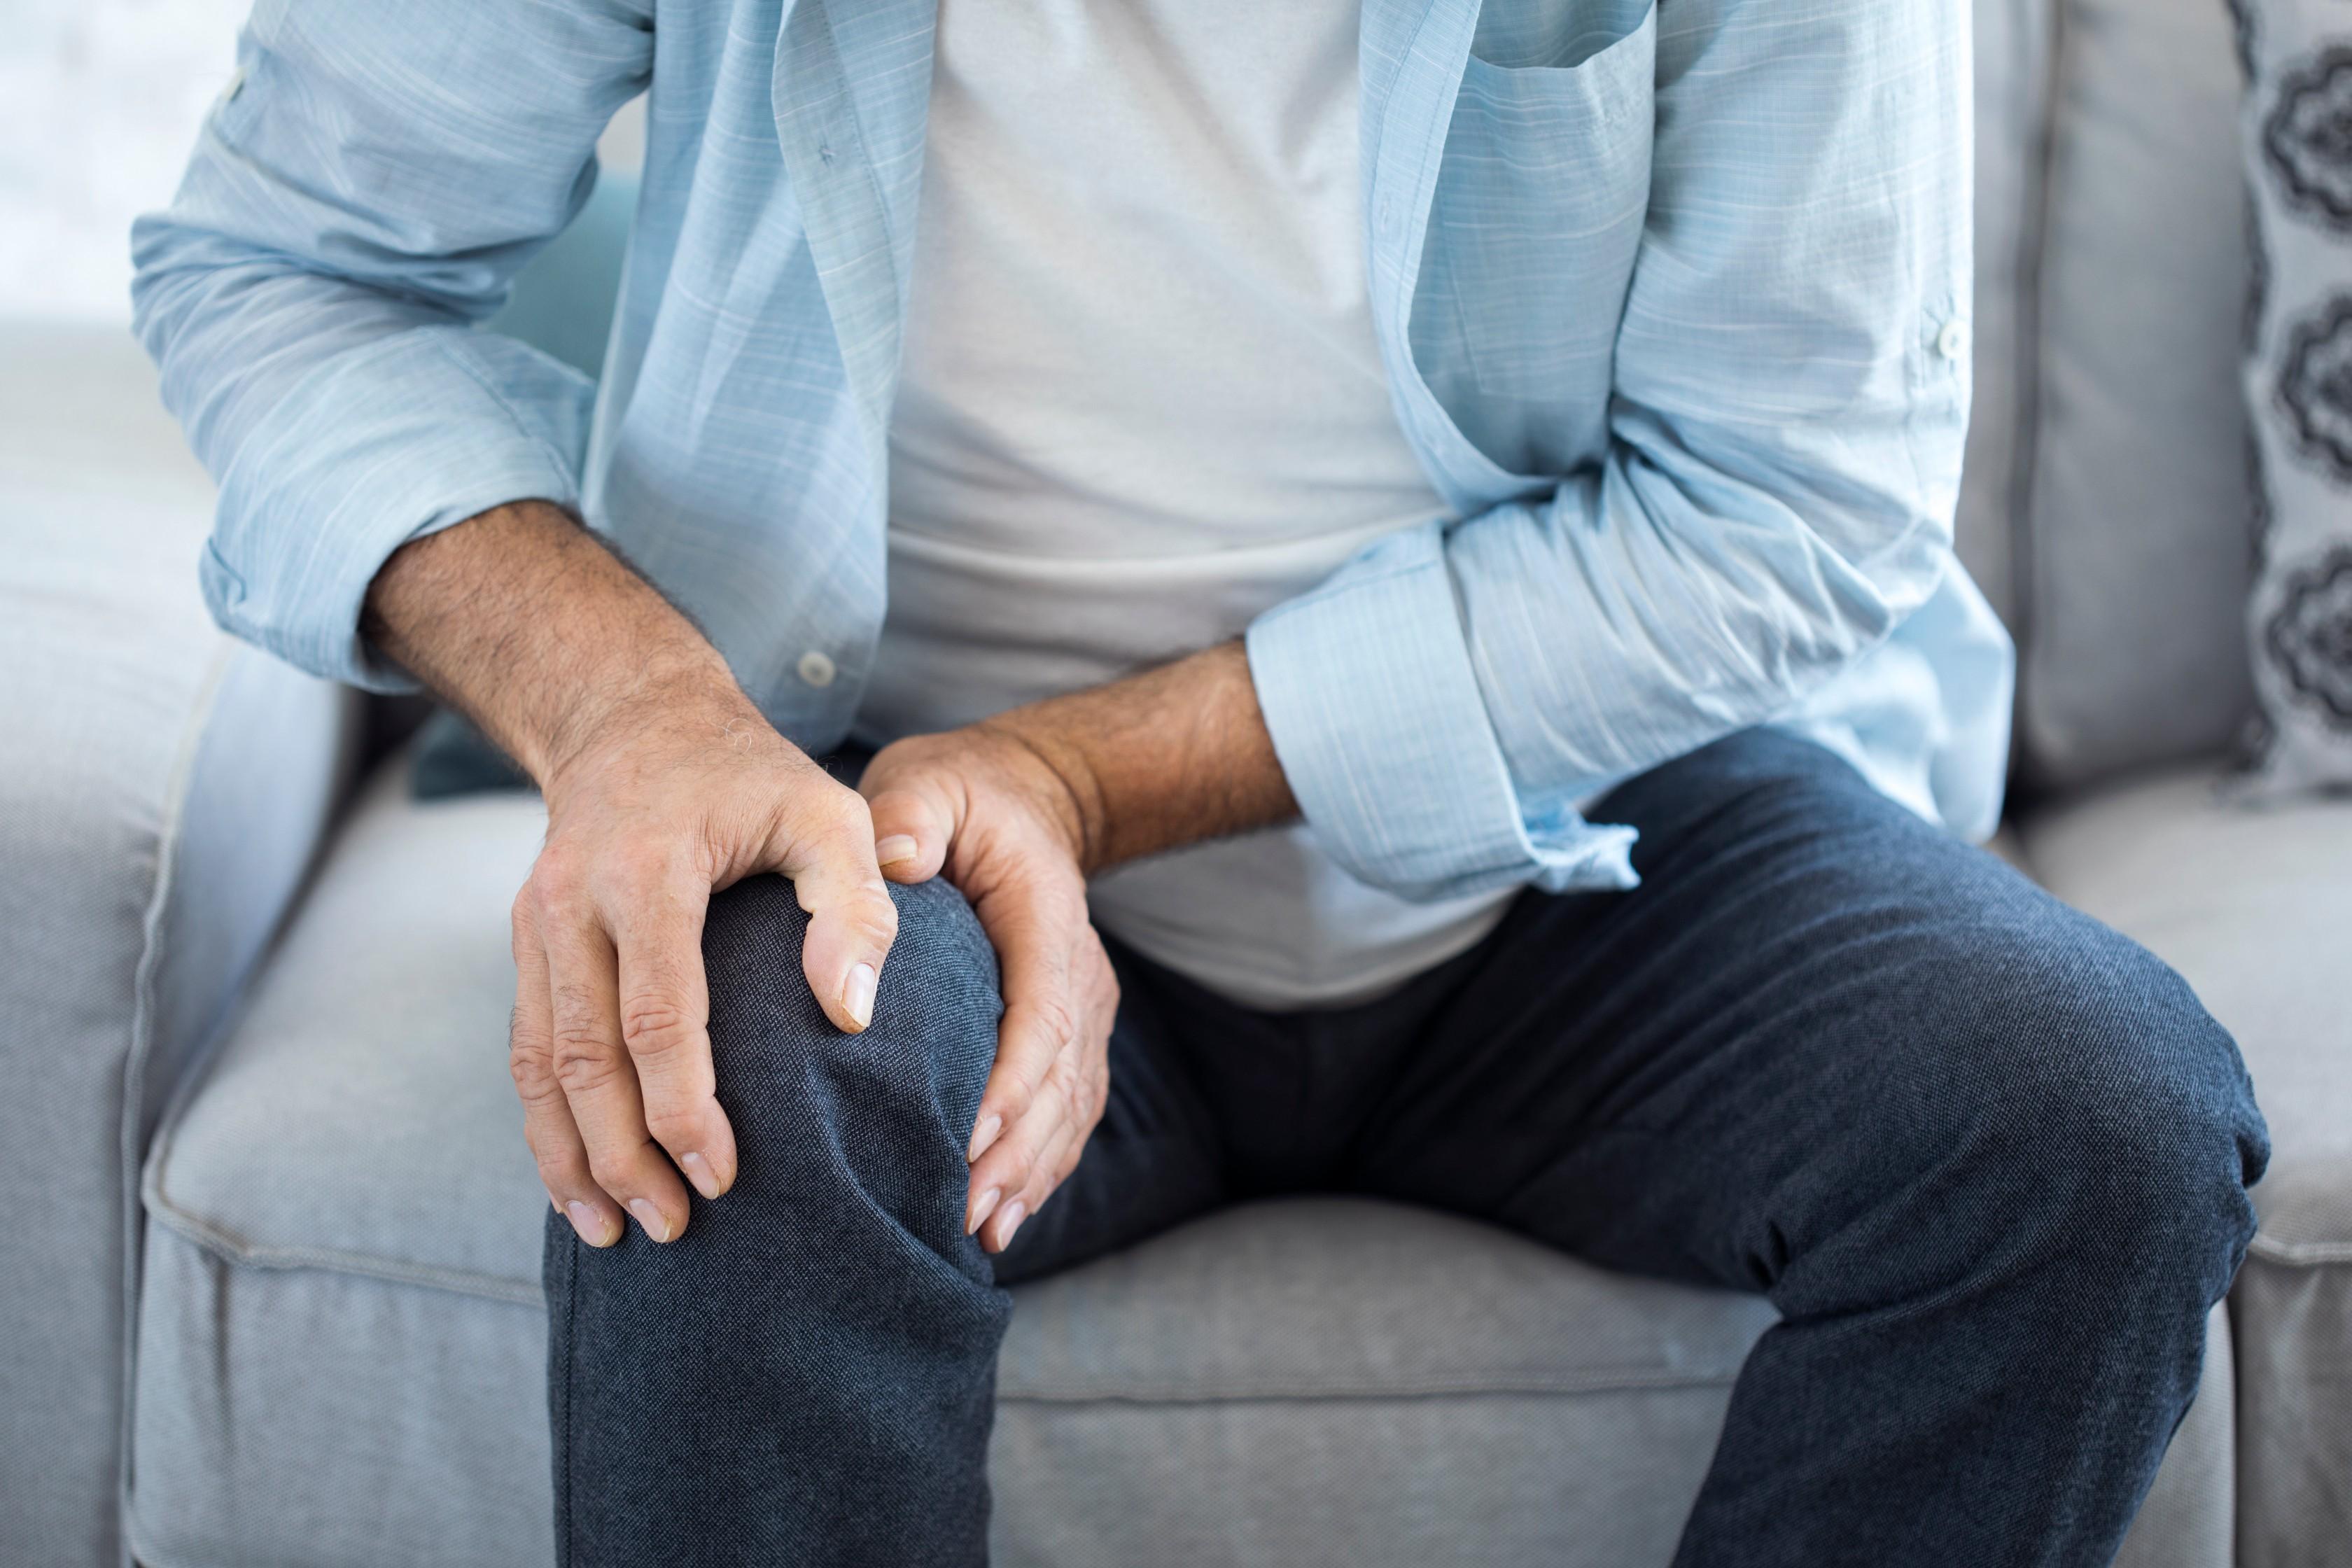 Vándorló vagy vándorló ízületi gyulladás: tünetek és kezelés - Masszázs July